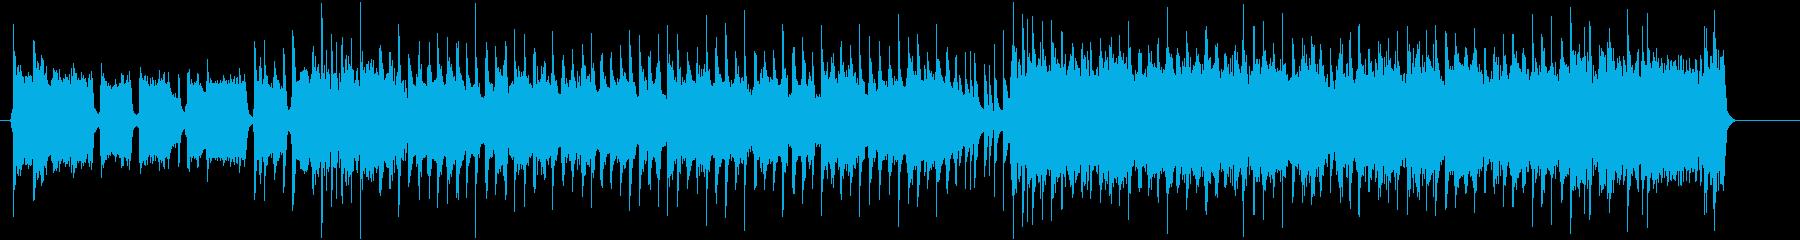 30秒 CMに!盛り上がる ライトロックの再生済みの波形